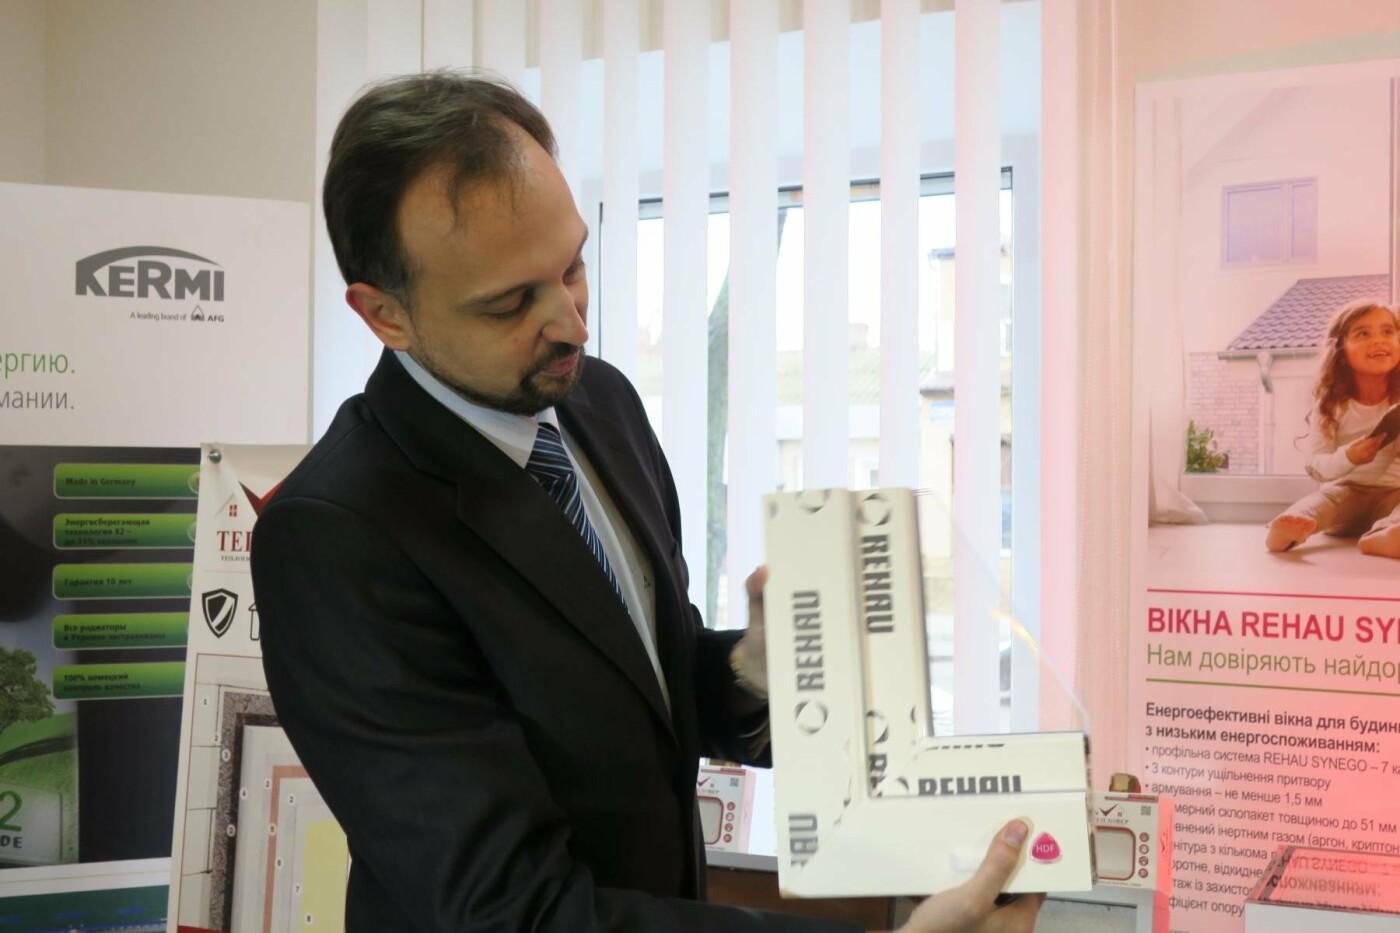 В Николаеве открылся Центр энергоэффективности, - ФОТО, фото-1